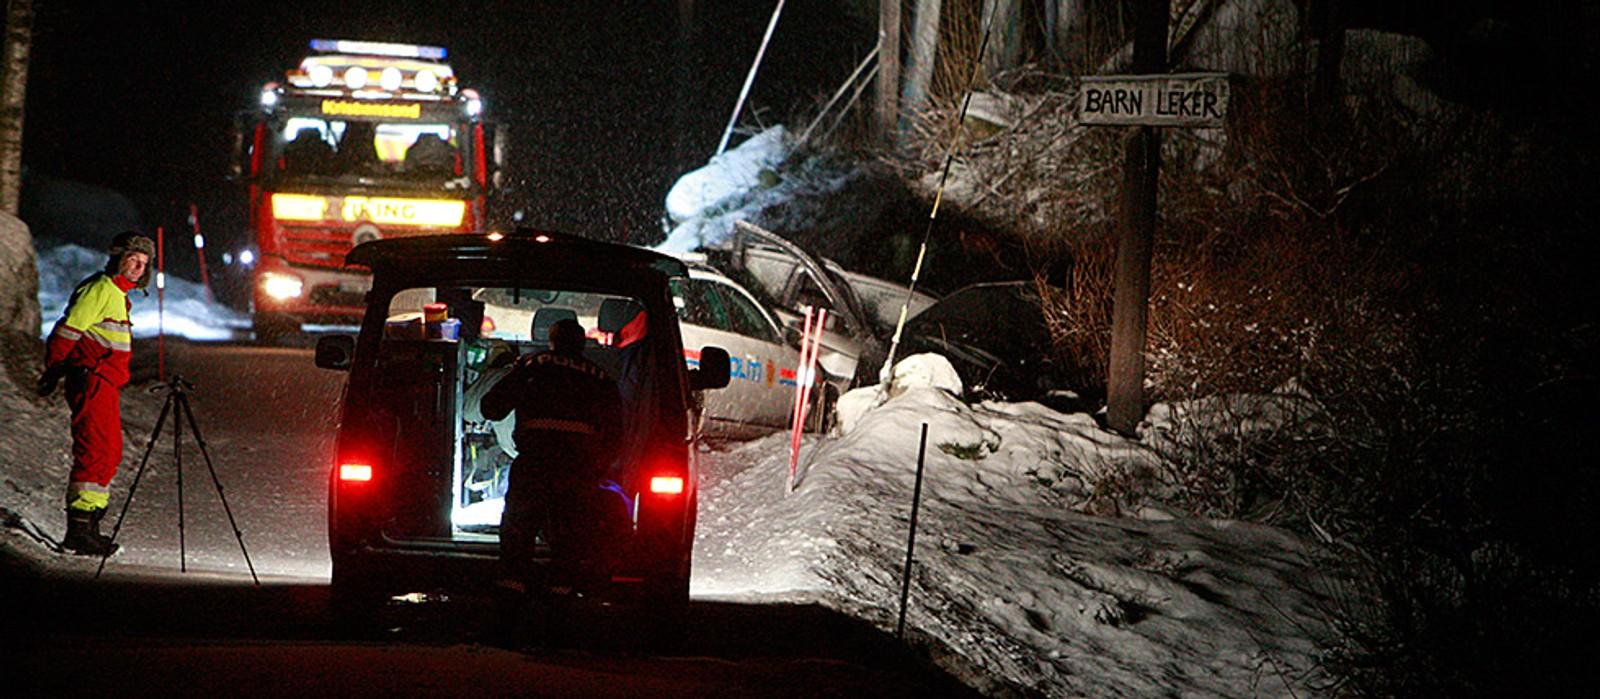 Politibilen klarte ikke å stanse og kjørte inn i bilen den forfulgte ved Stupstad.